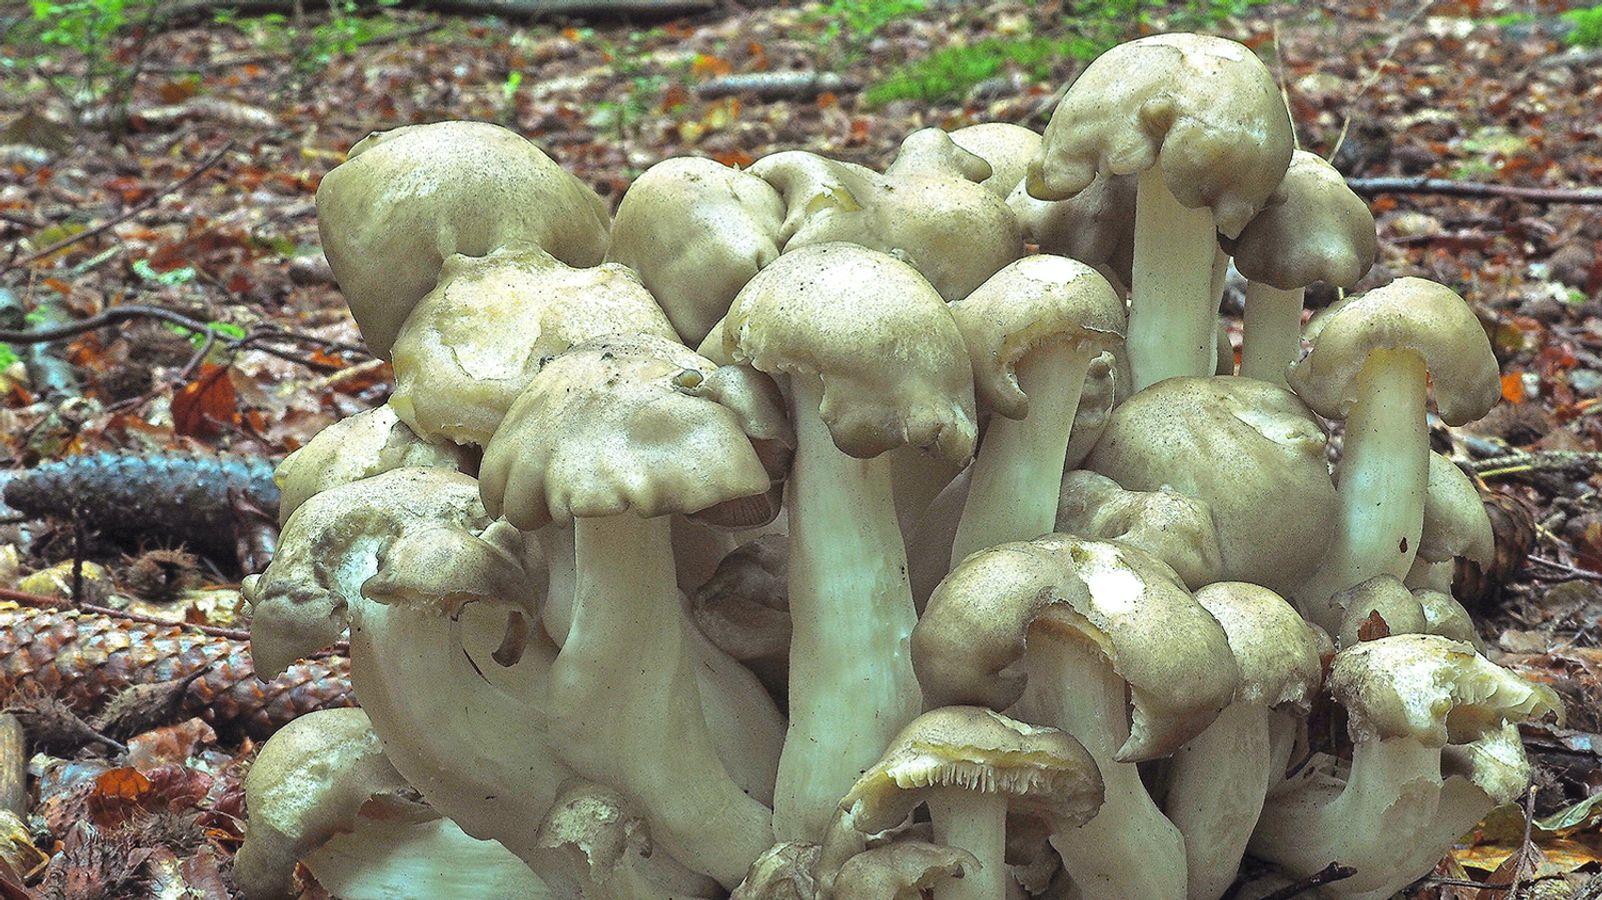 Erdsimmerling gesucht: Nationalpark ruft Pilzkenner zu Hilfe